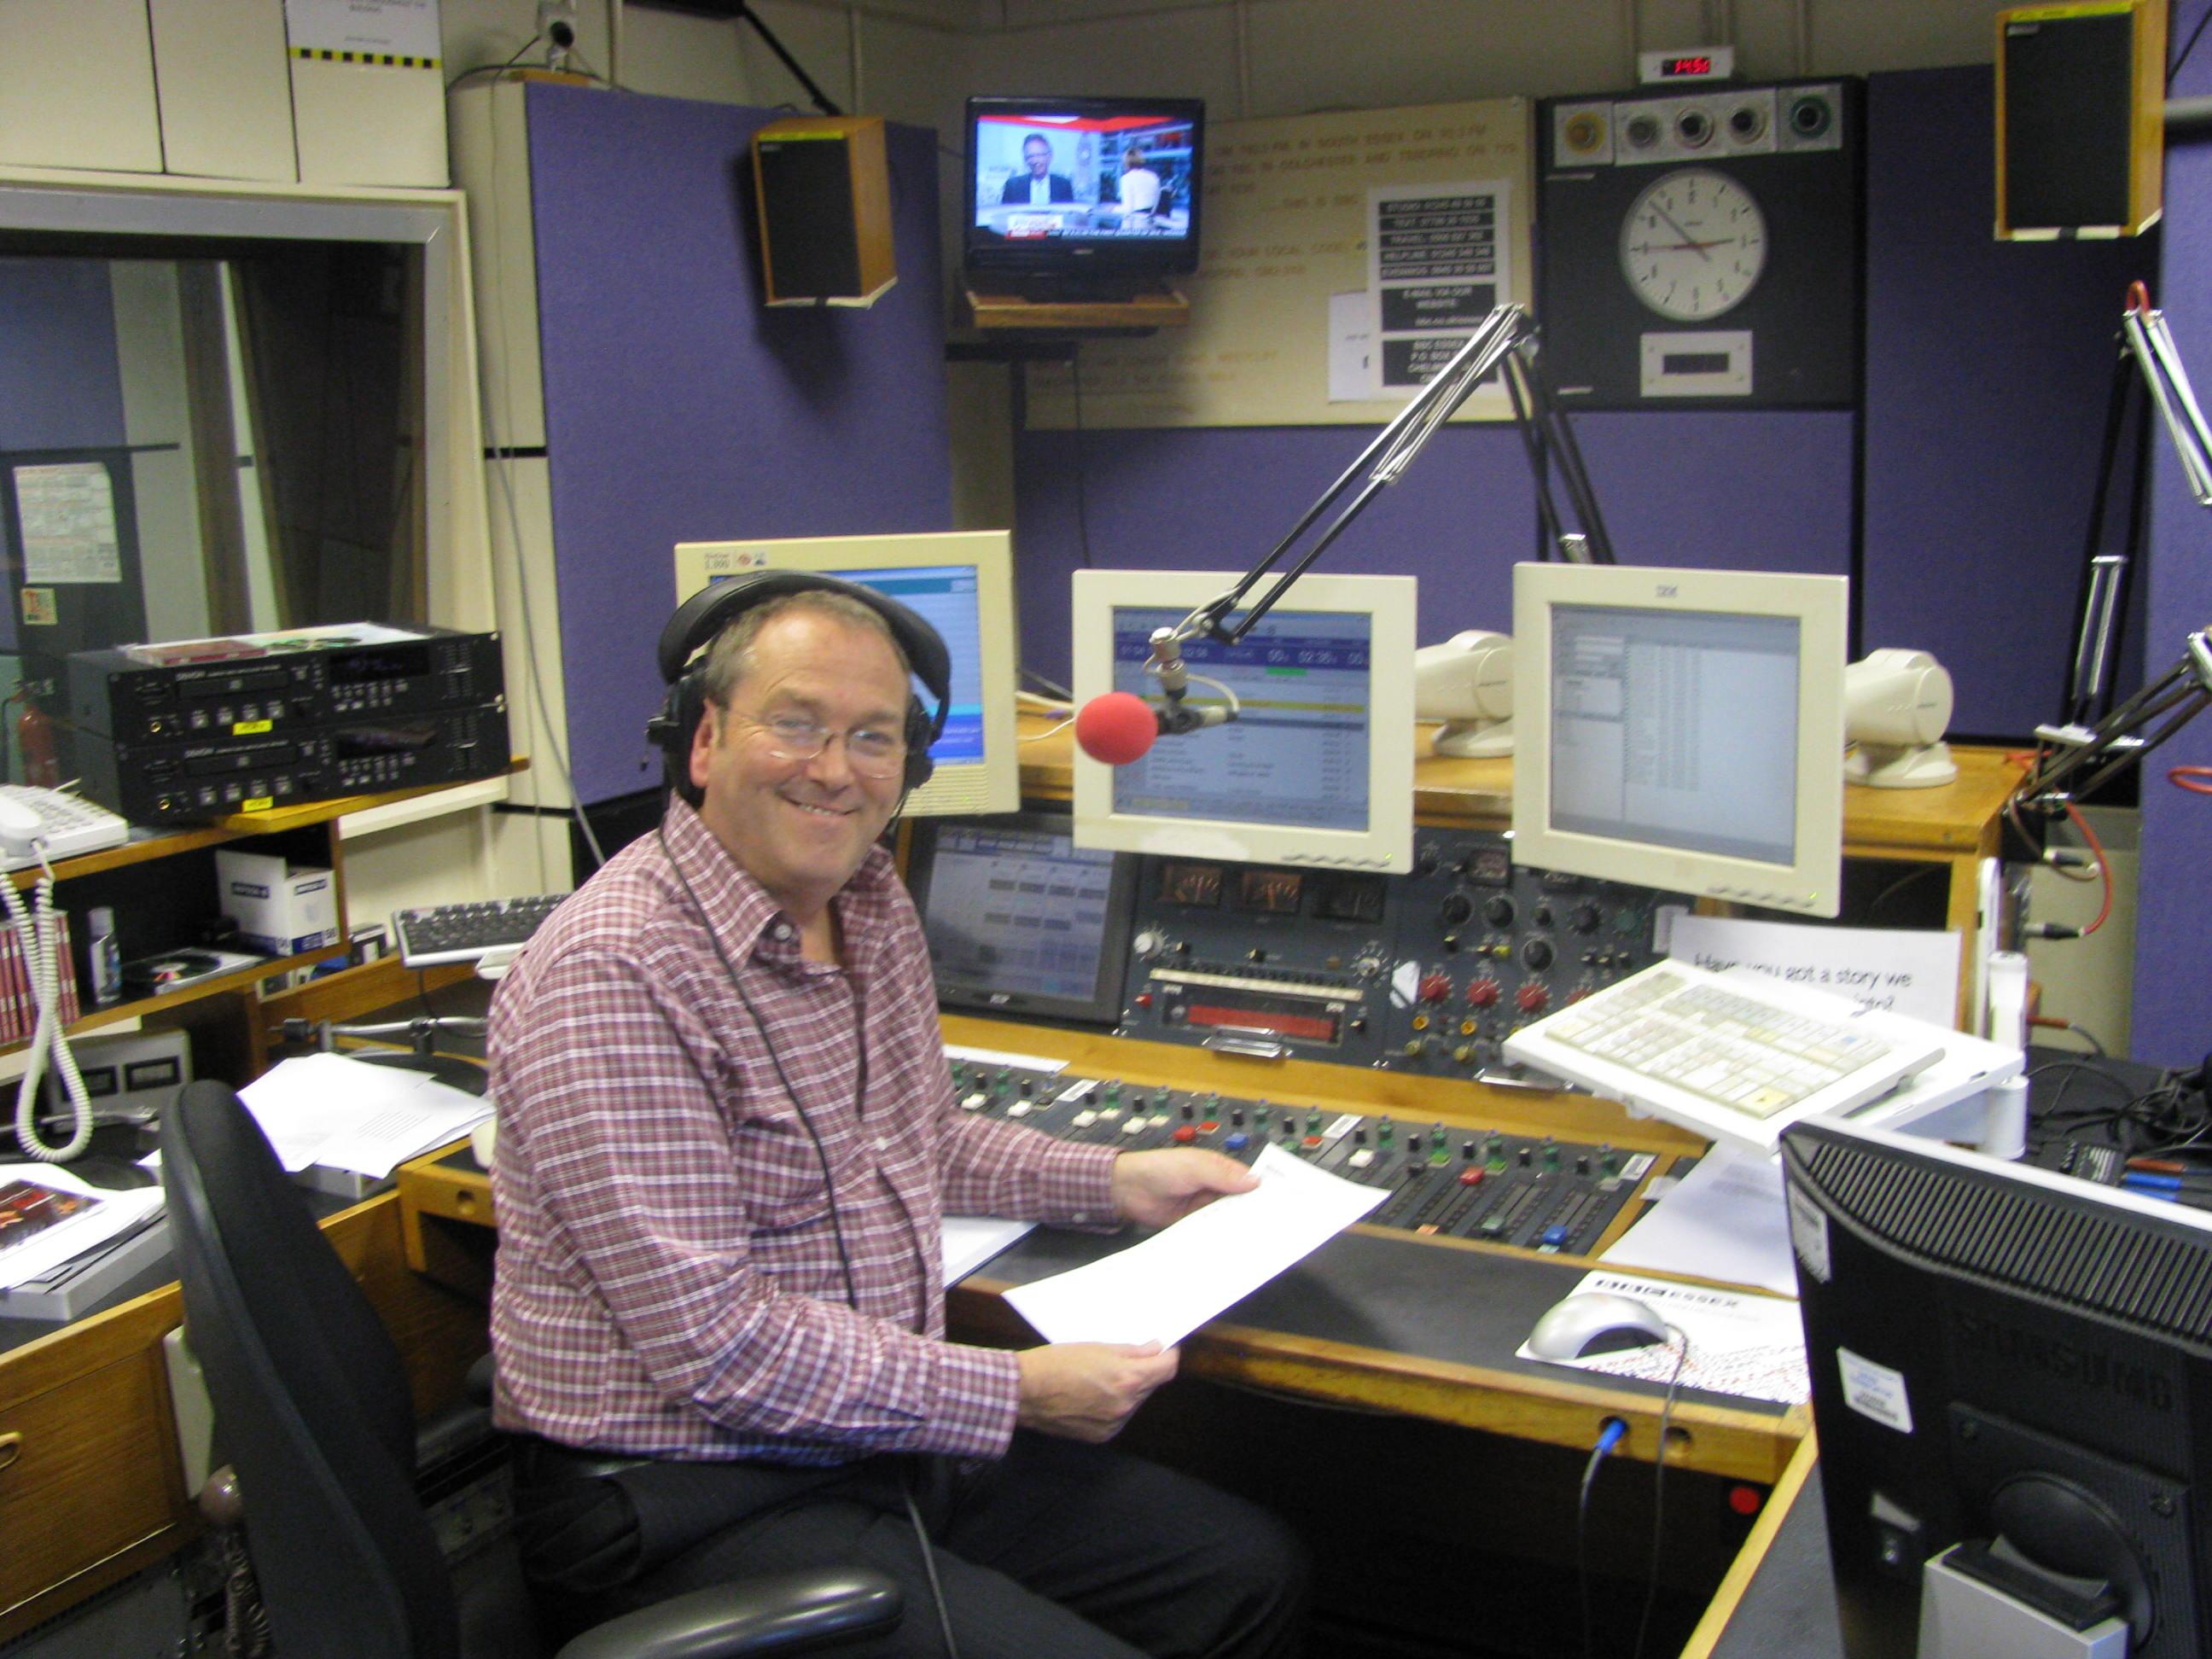 BBC - Radio Essex - FM 95.3 - Chelmsford - Listen Online